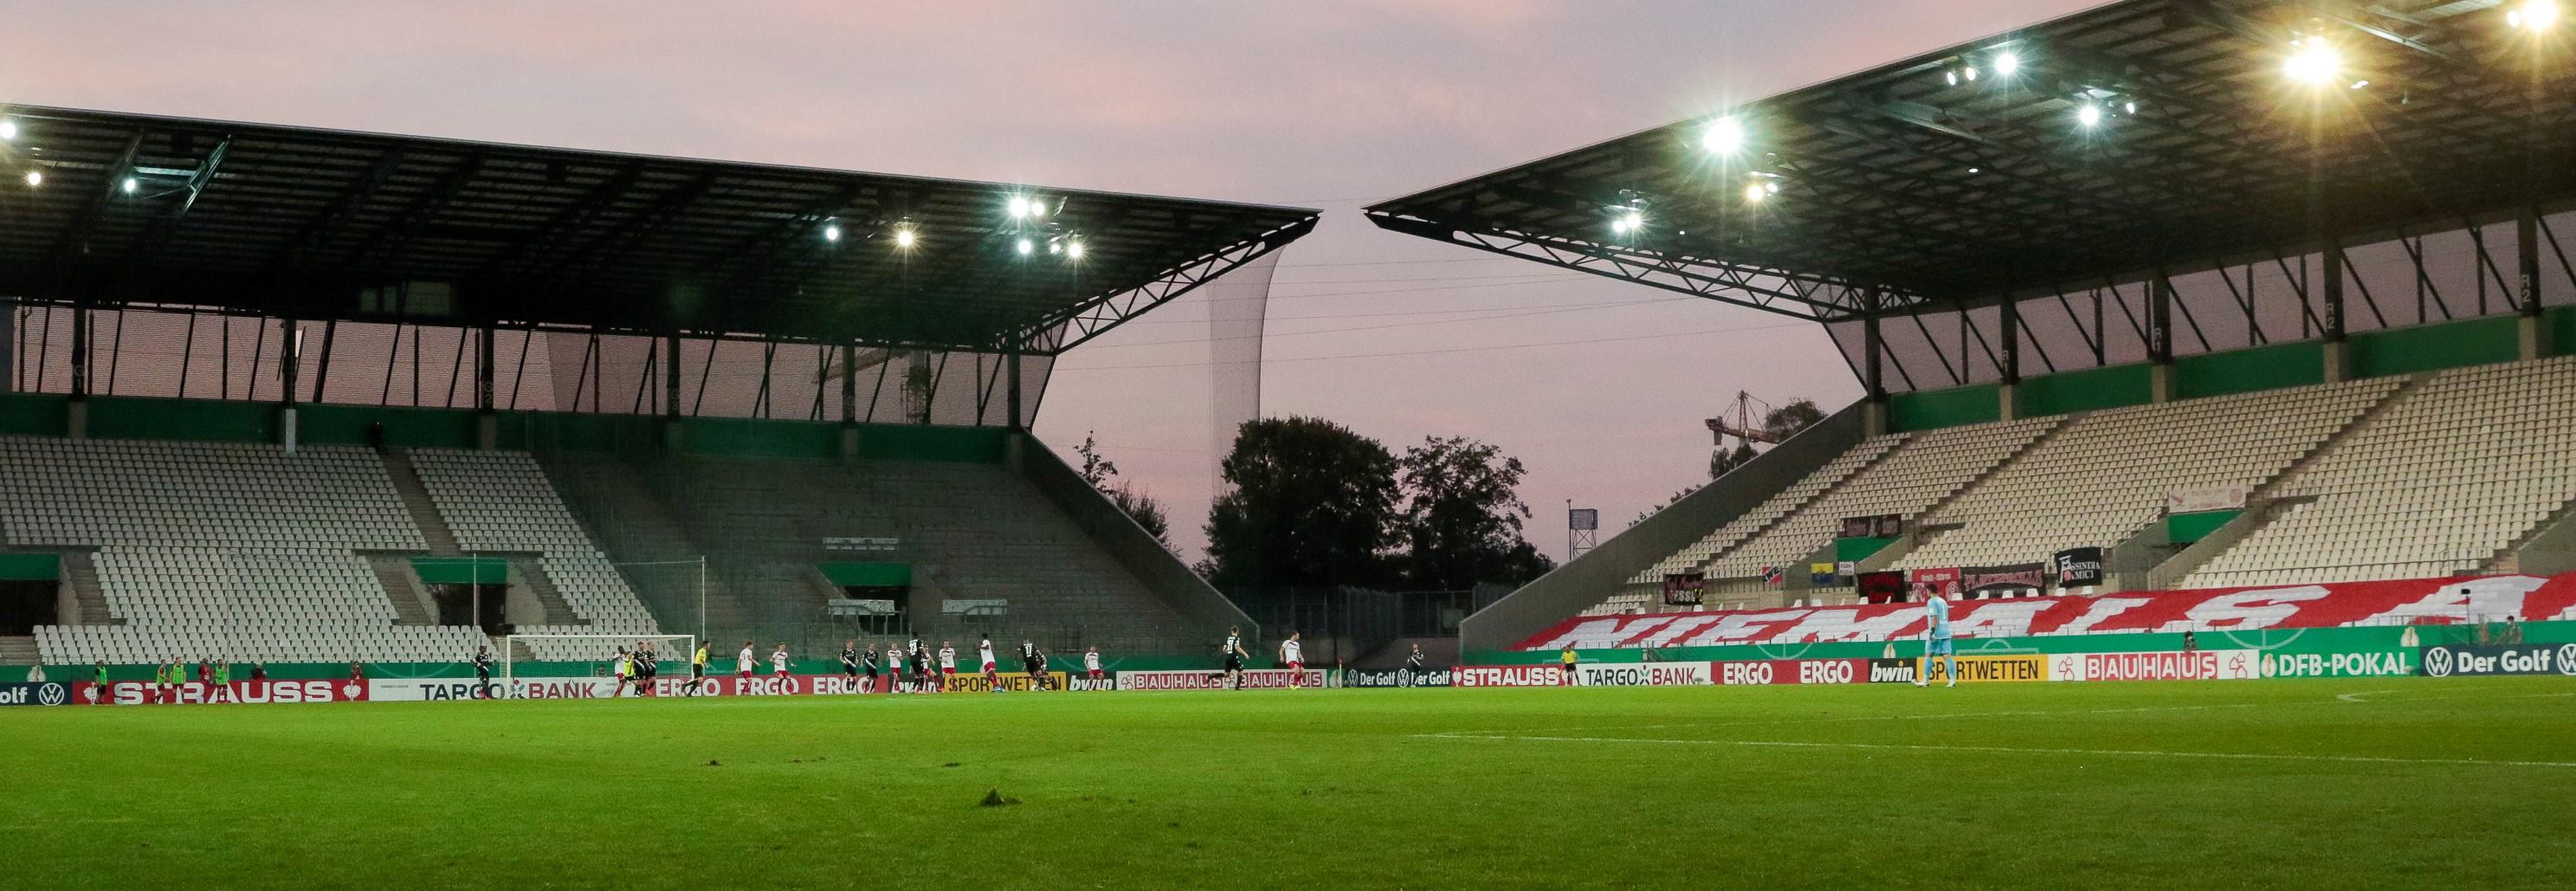 Rot-Weiss Essen spielt am Samstag vor 300 Zuschauern. (Foto: Endberg)